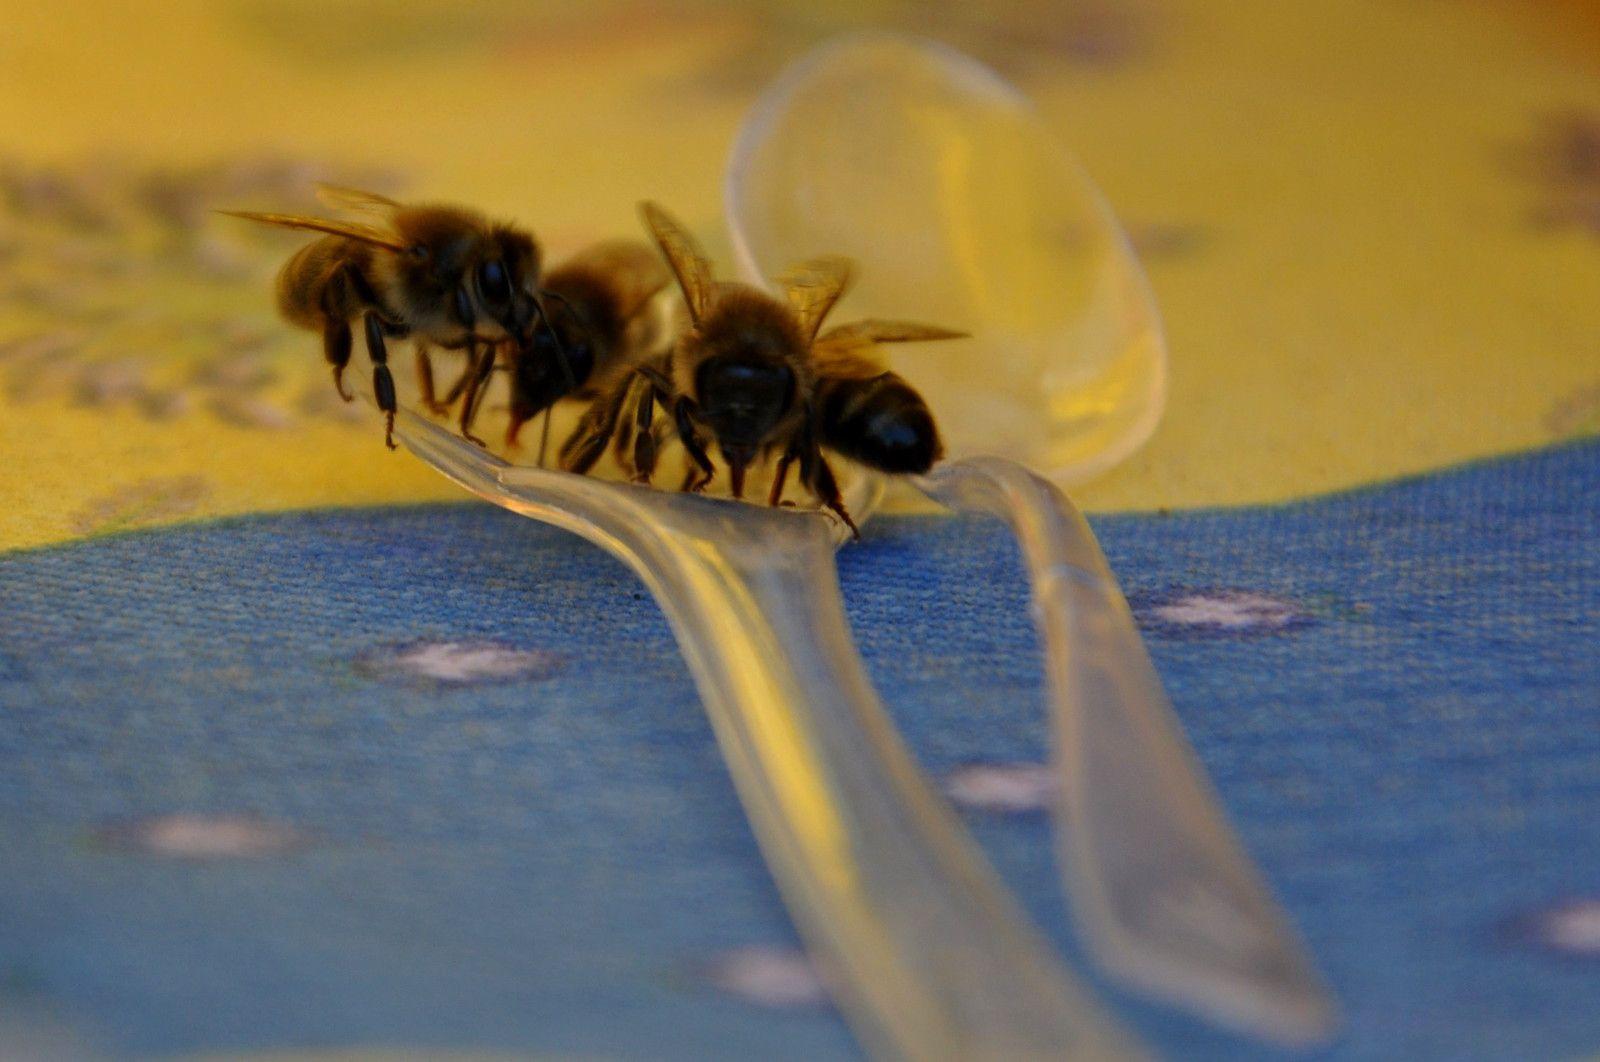 Une journée pour faire comme les abeilles une récolte d'information (pour nous).